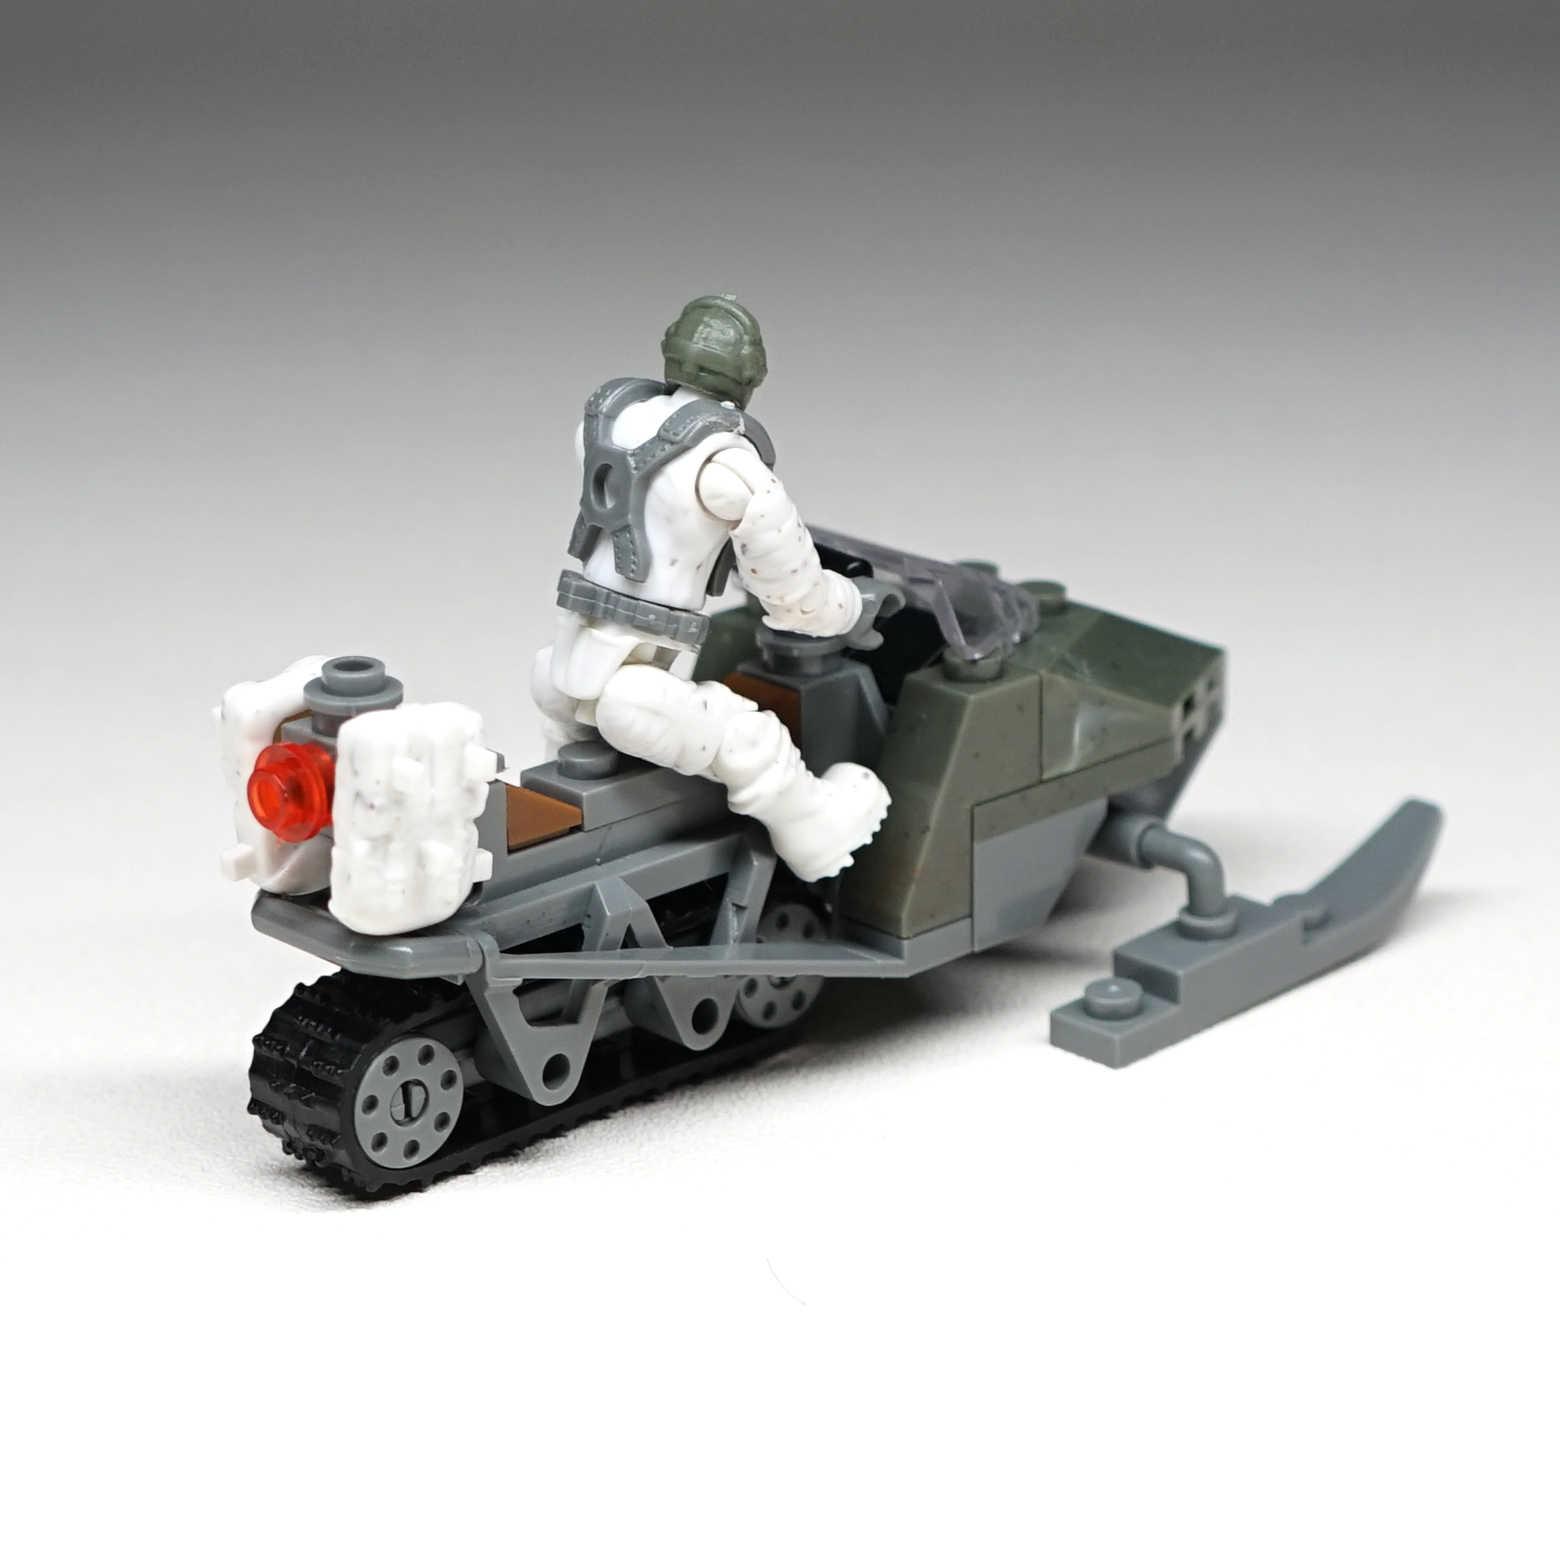 Мировой войны 2 команды армии Пособия по немецкому языку солдатами с пистолетом Книги об оружии legoinglys ww2 Блок Комплект игрушка-конструктор для мальчиков